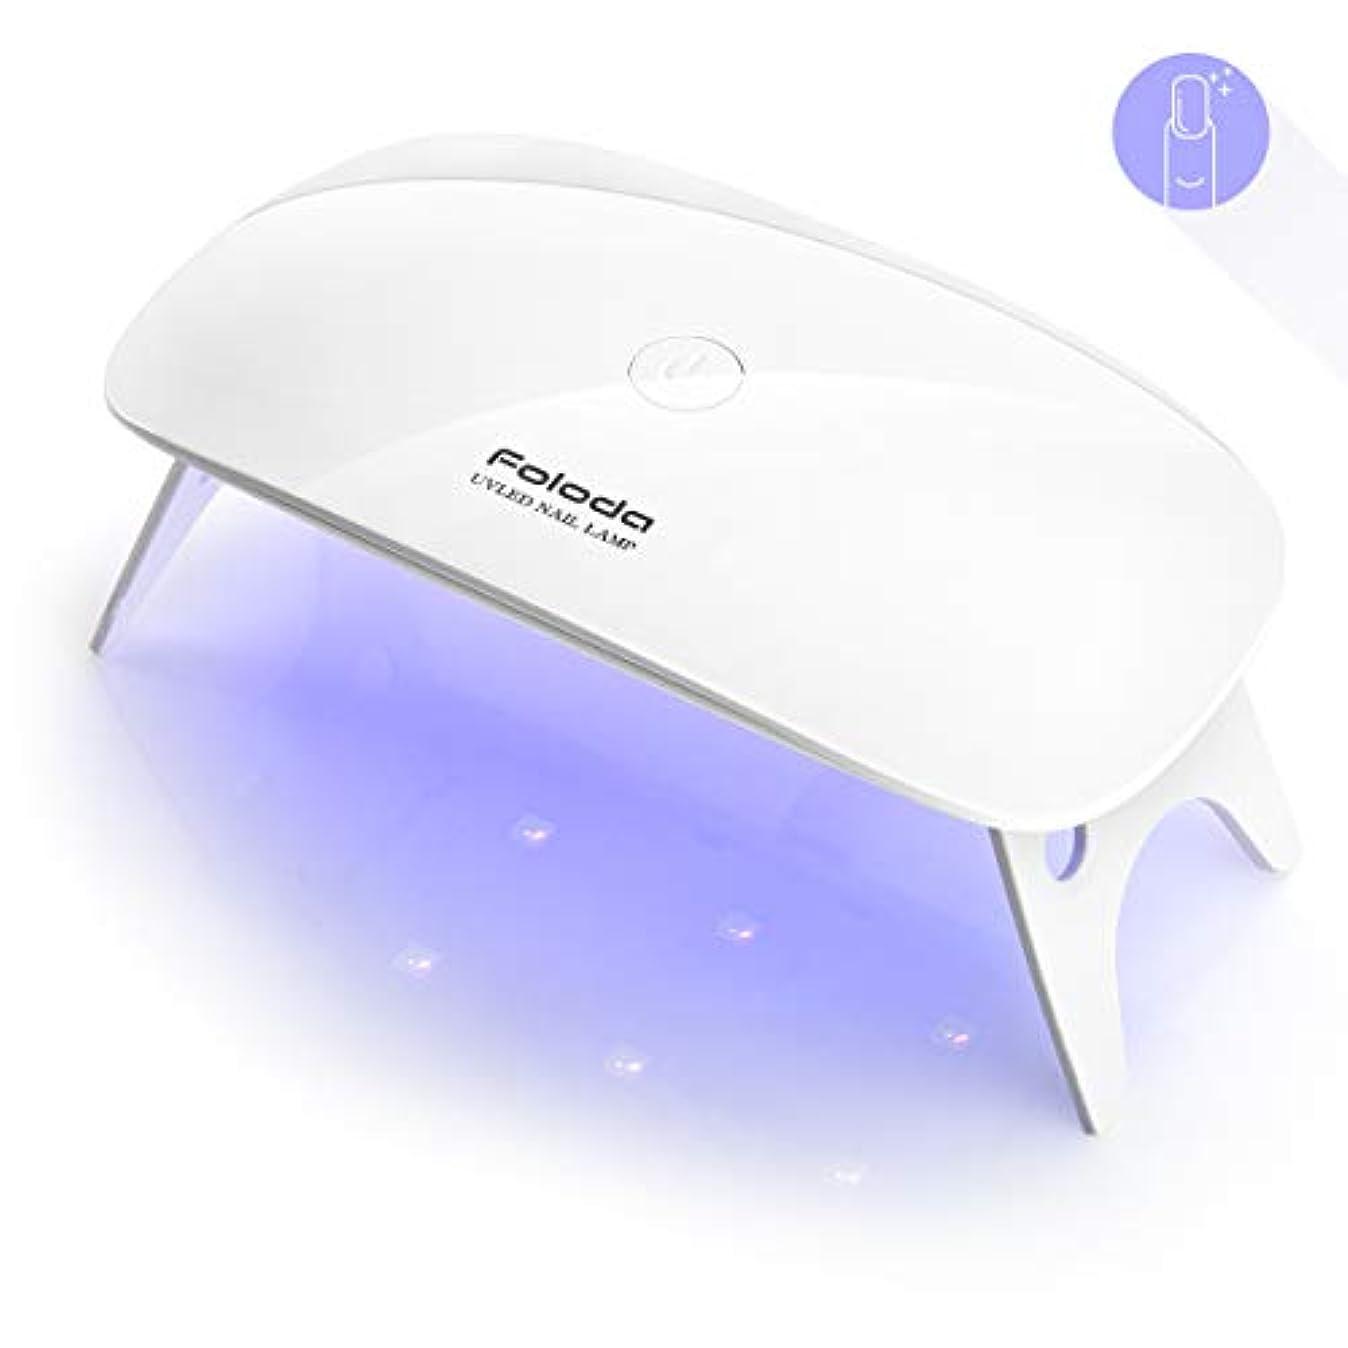 保存ベリ費用LEDネイルドライヤー UVライト Foloda タイマー設定可能 折りたたみ式手足とも使える 人感センサー式 LED 硬化ライト UV と LEDダブルライト ジェルネイル用 ホワイト (white)